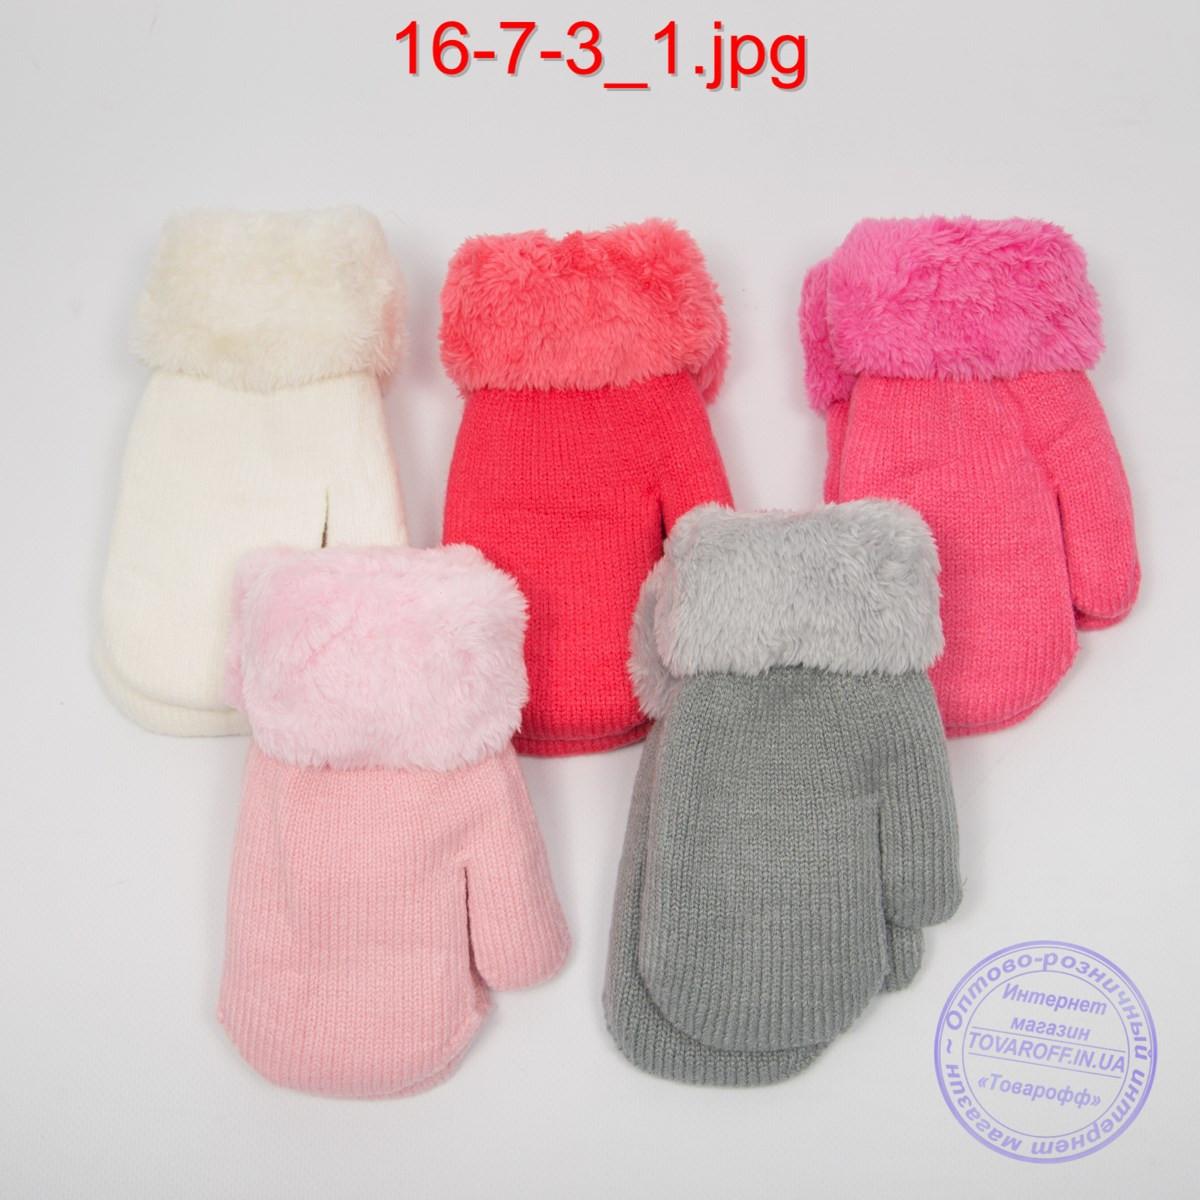 Оптом детские шерстяные варежки с меховой подкладкой - №16-7-3